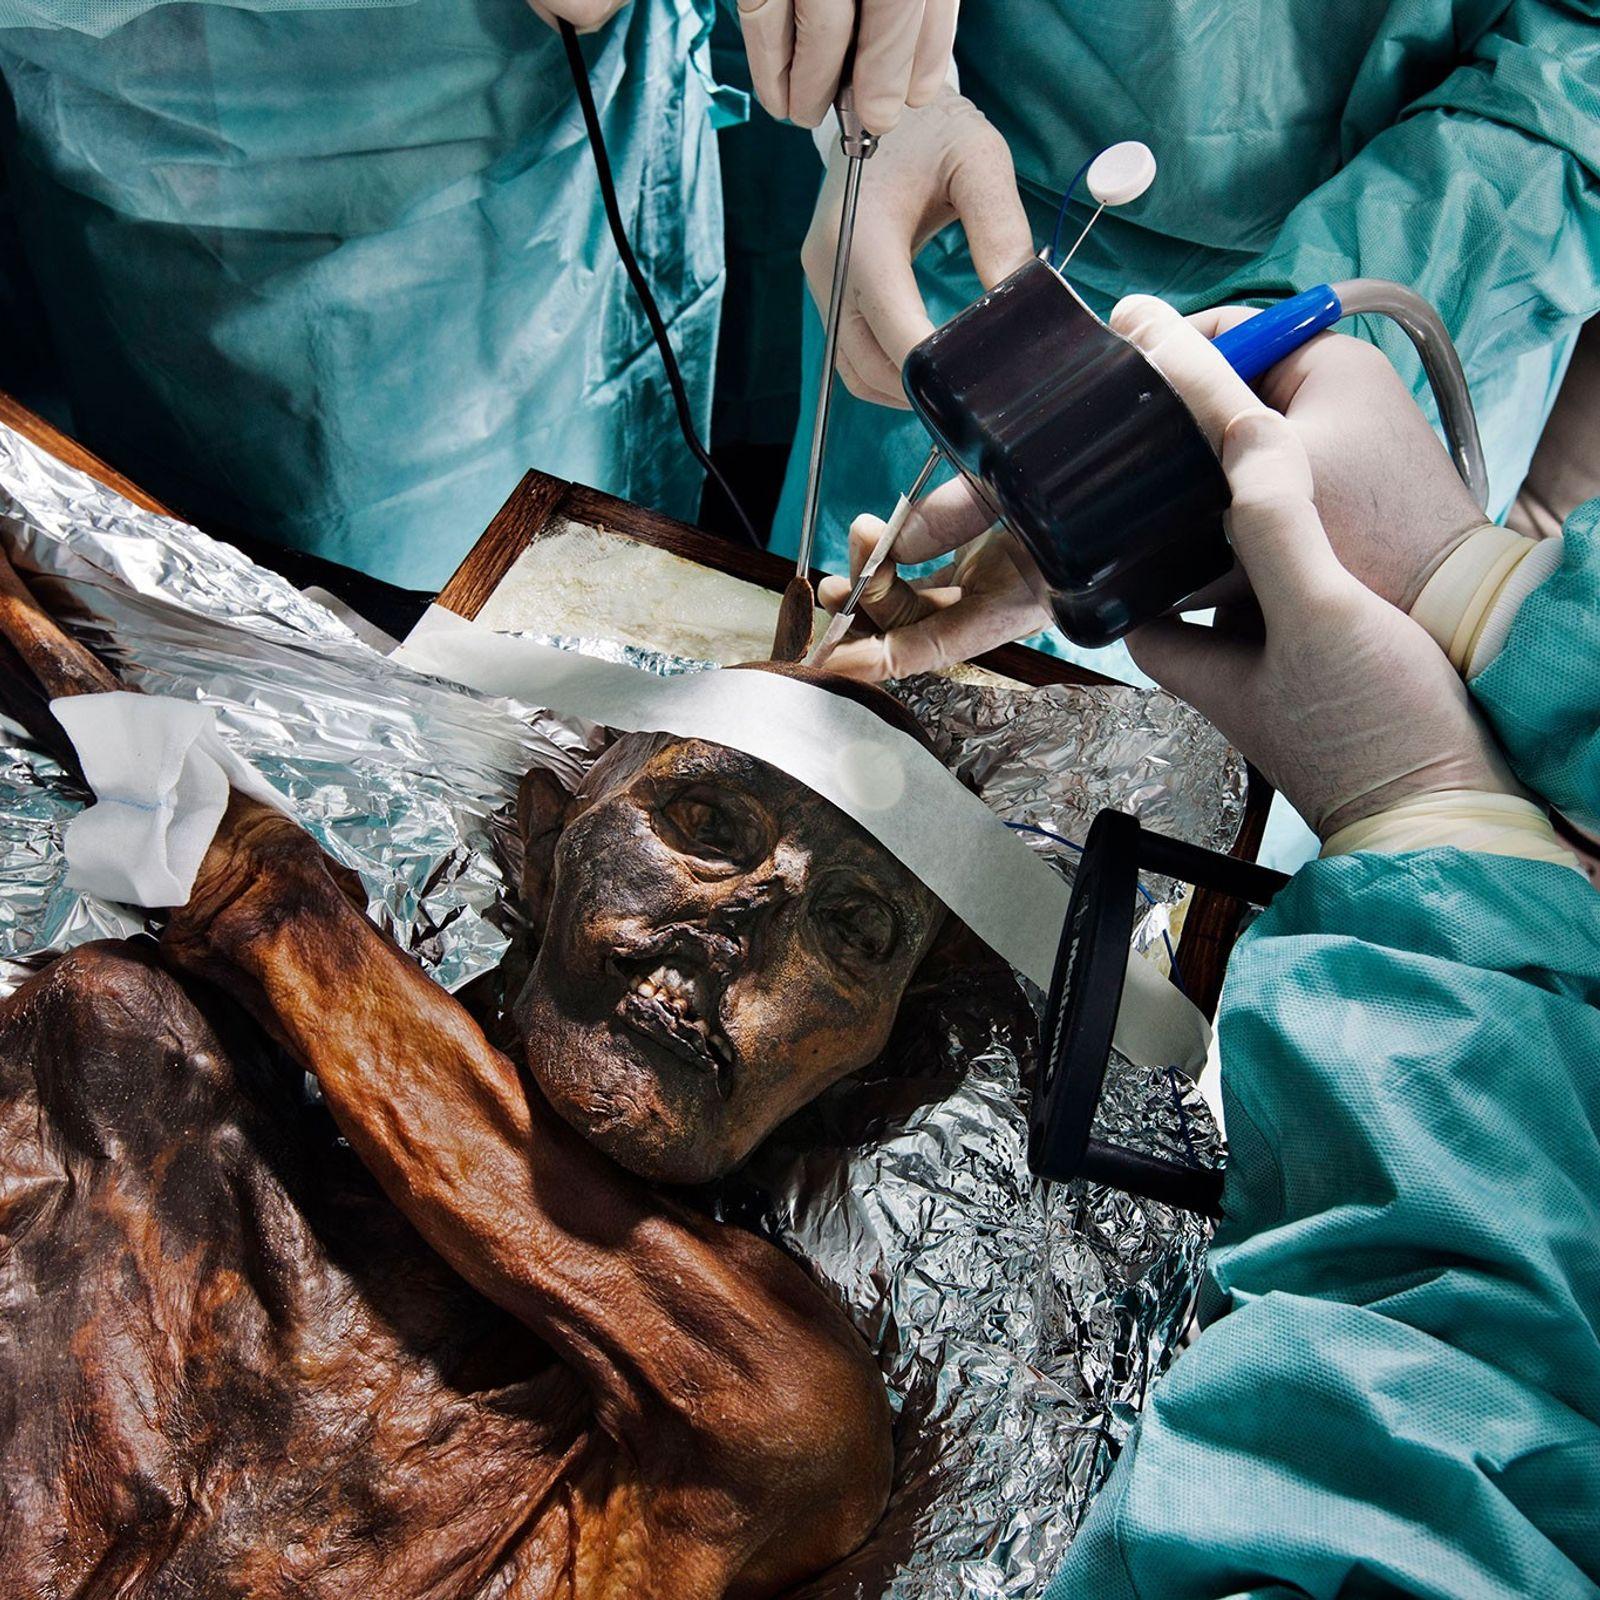 Os cientistas estudam os restos mortais de Ötzi, o Homem do Gelo, de 5,3 mil anos, ...